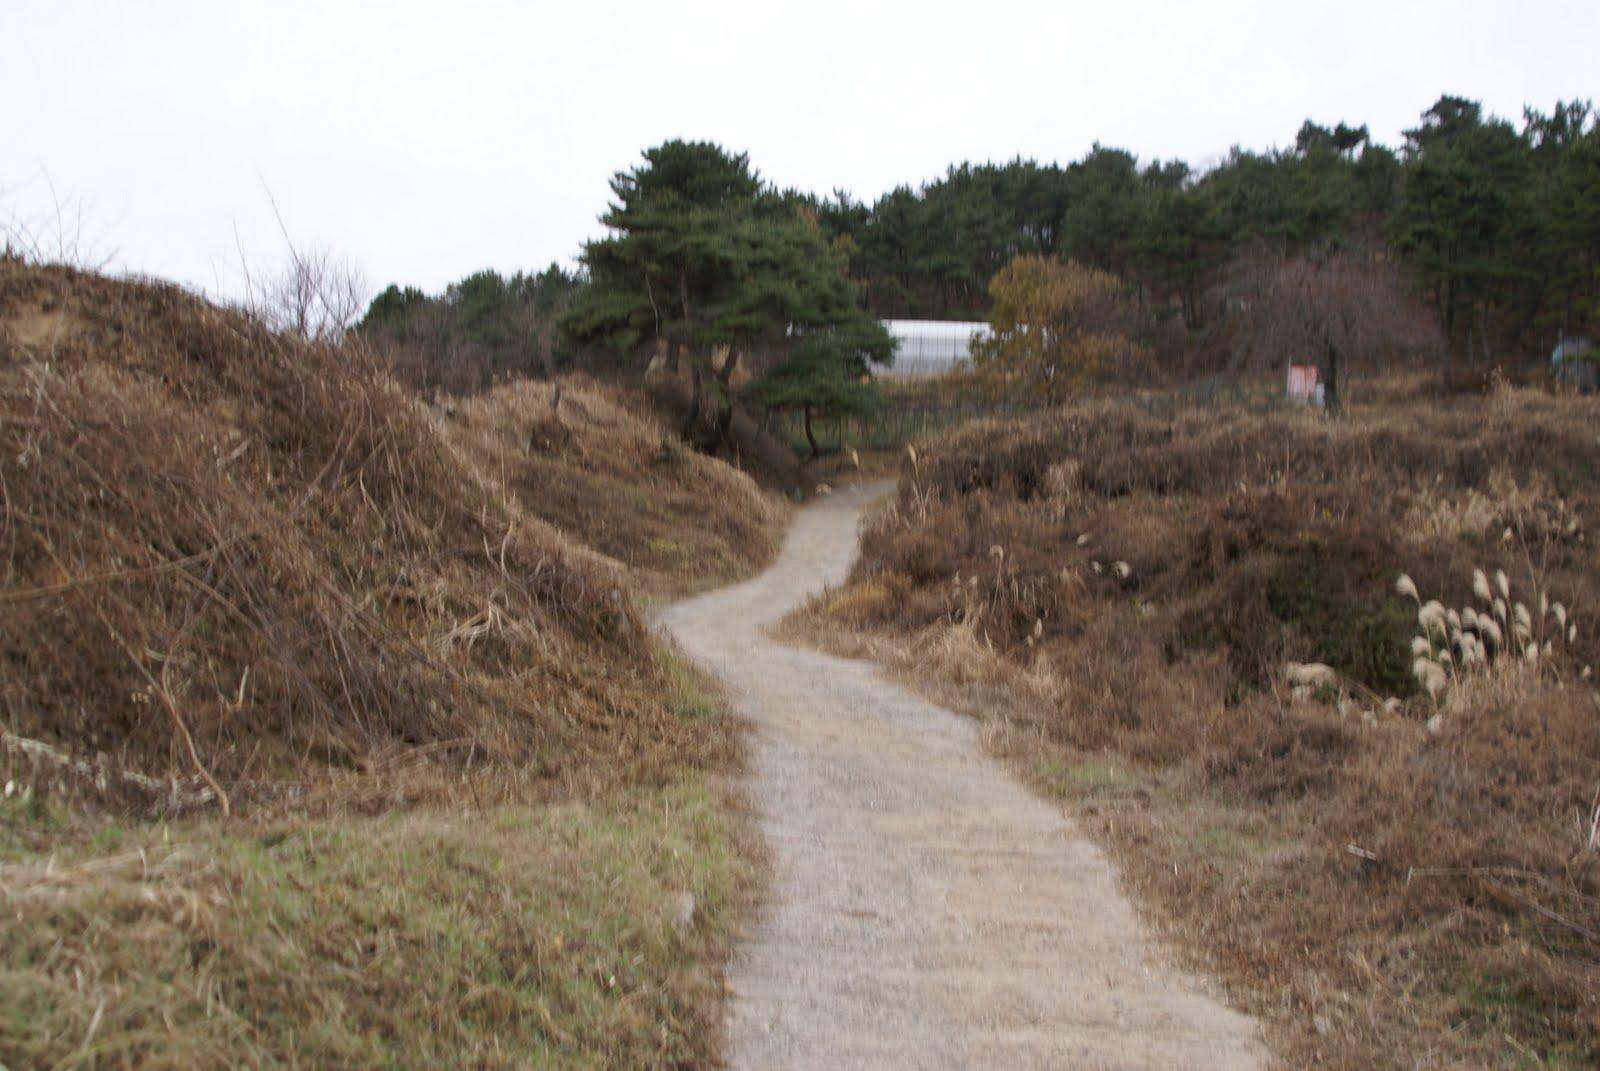 ソフトボール好きの爺様: 韓国蔚山の西生浦倭城(ソセンポウェソン)に行って来ました。